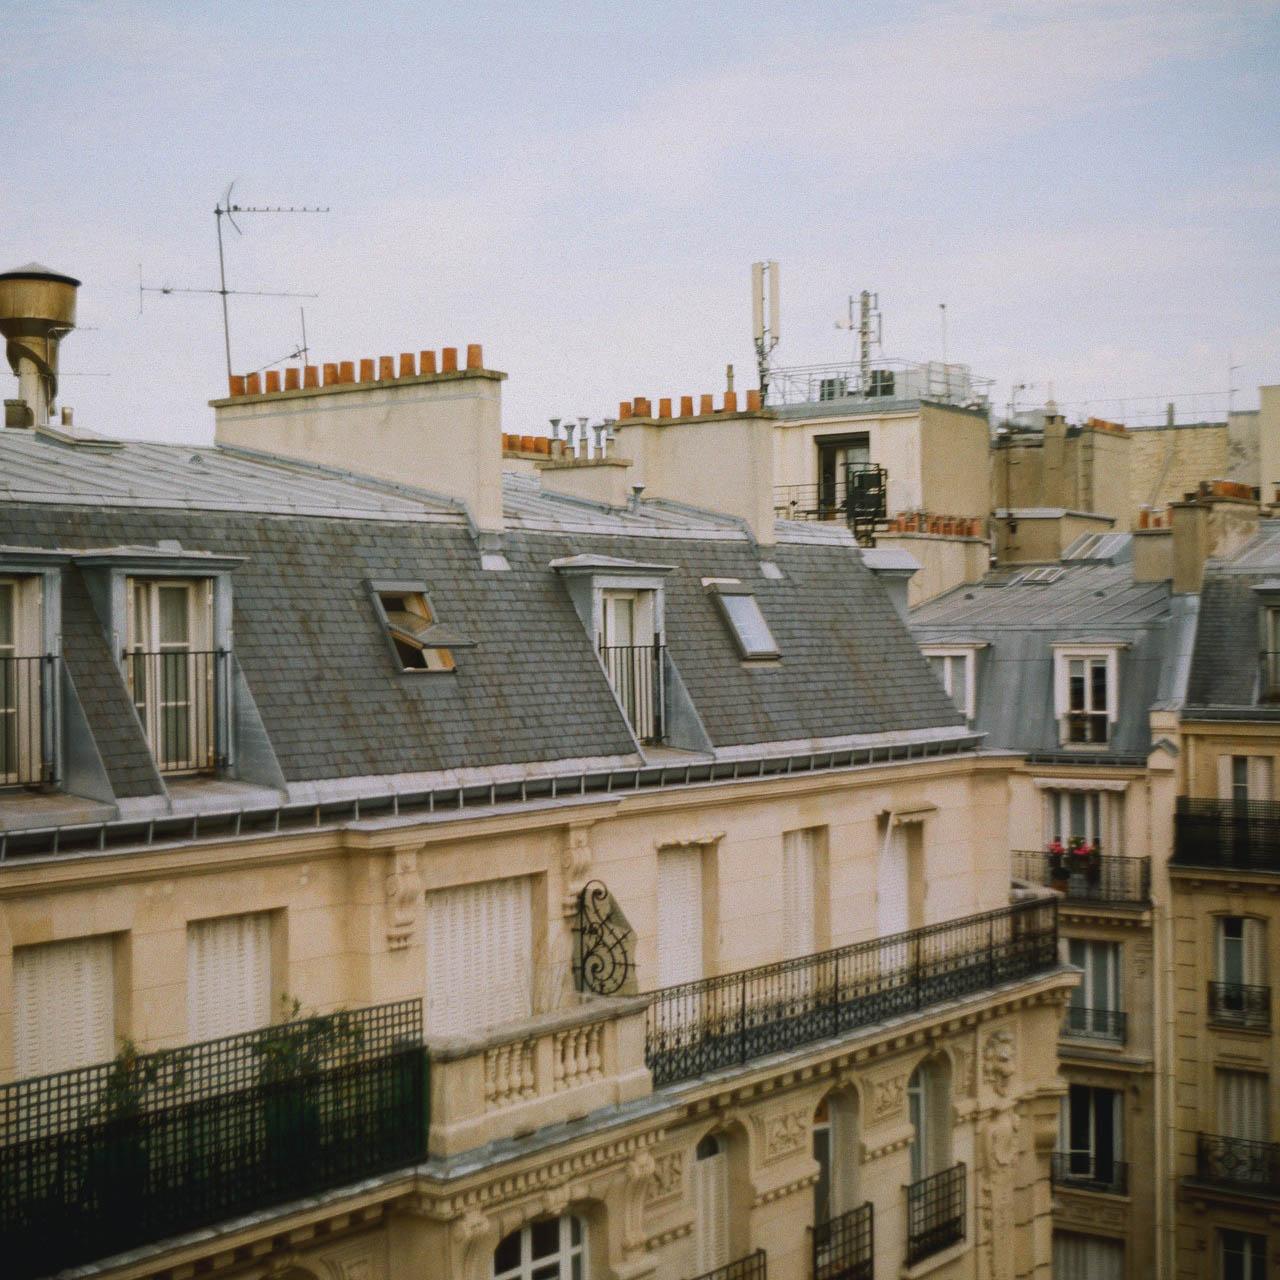 immobilier-locatif-Paris-20eme-arrondissement